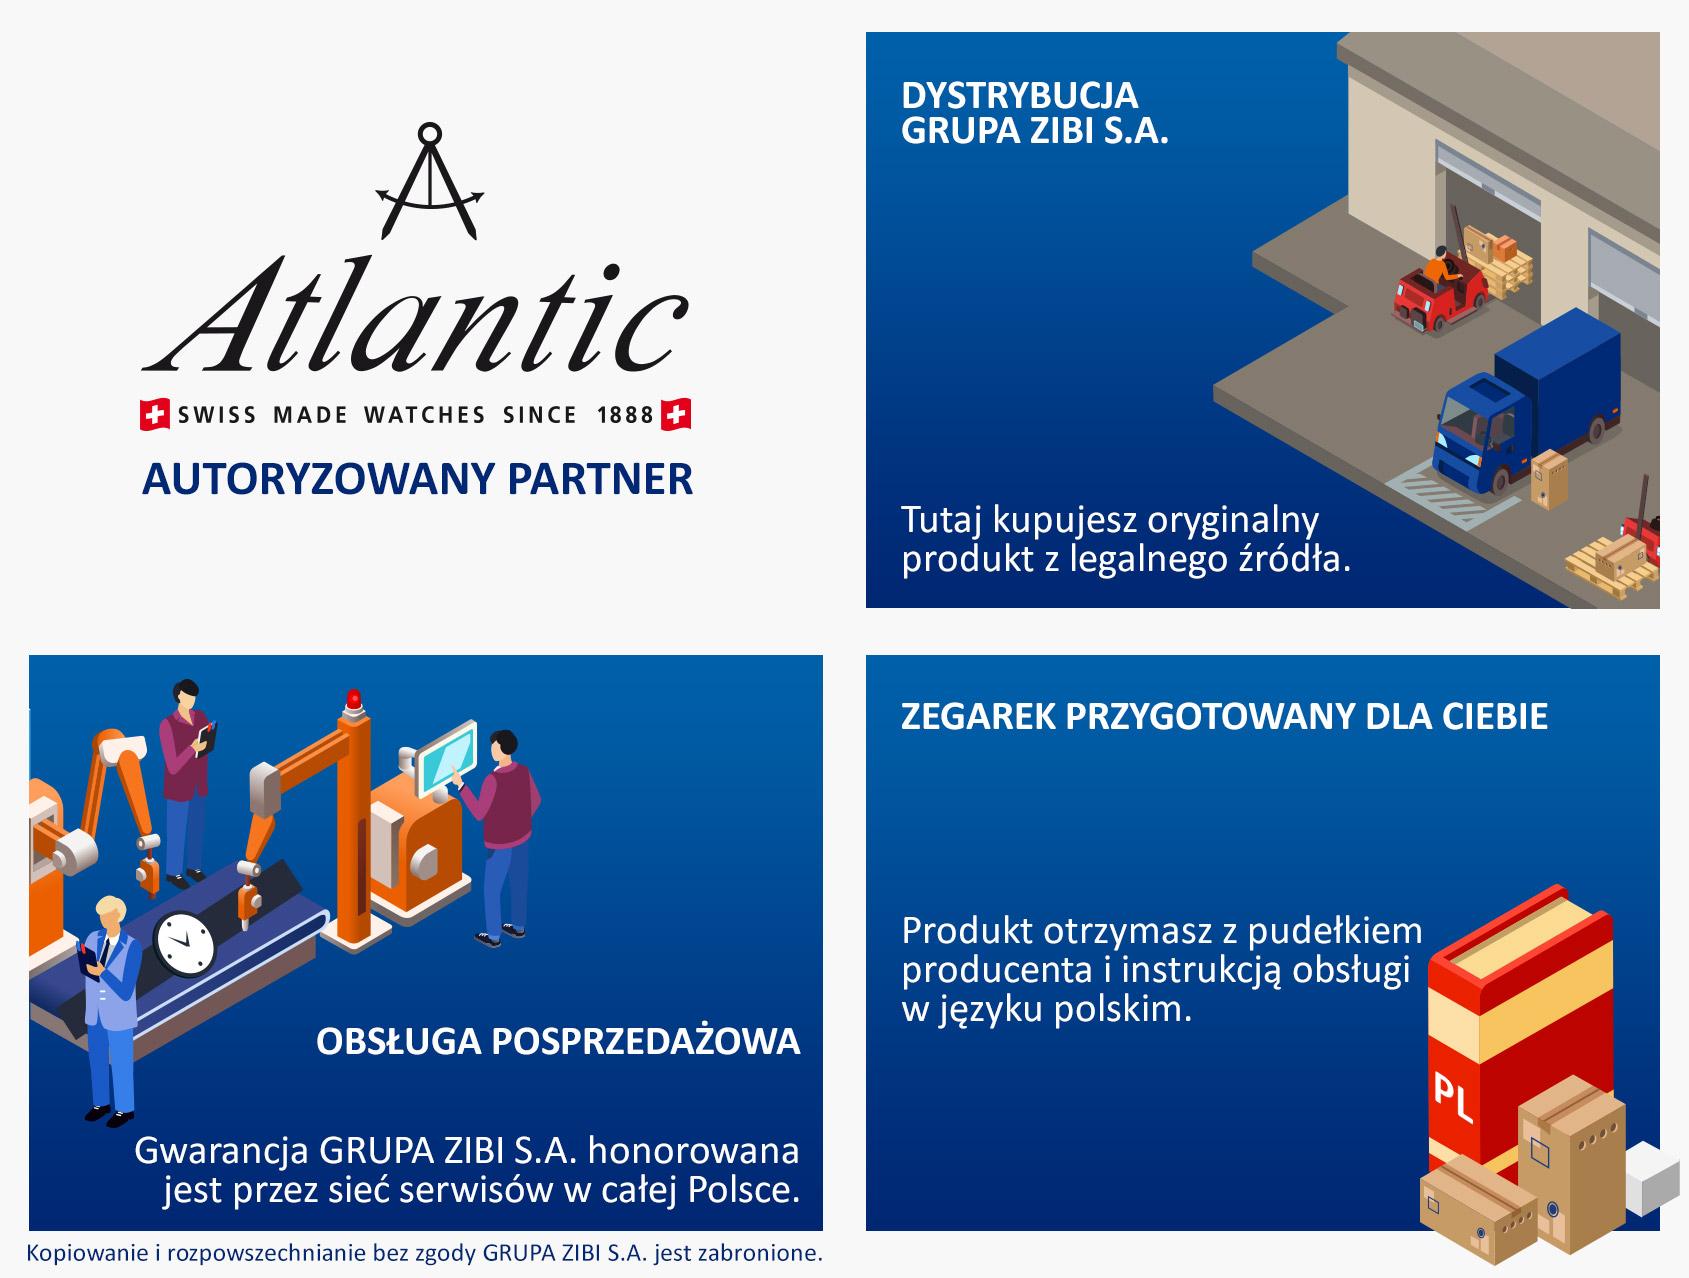 certyfikat sklep Demus jako autoryzowanego sprzedawcy ATLANTIC